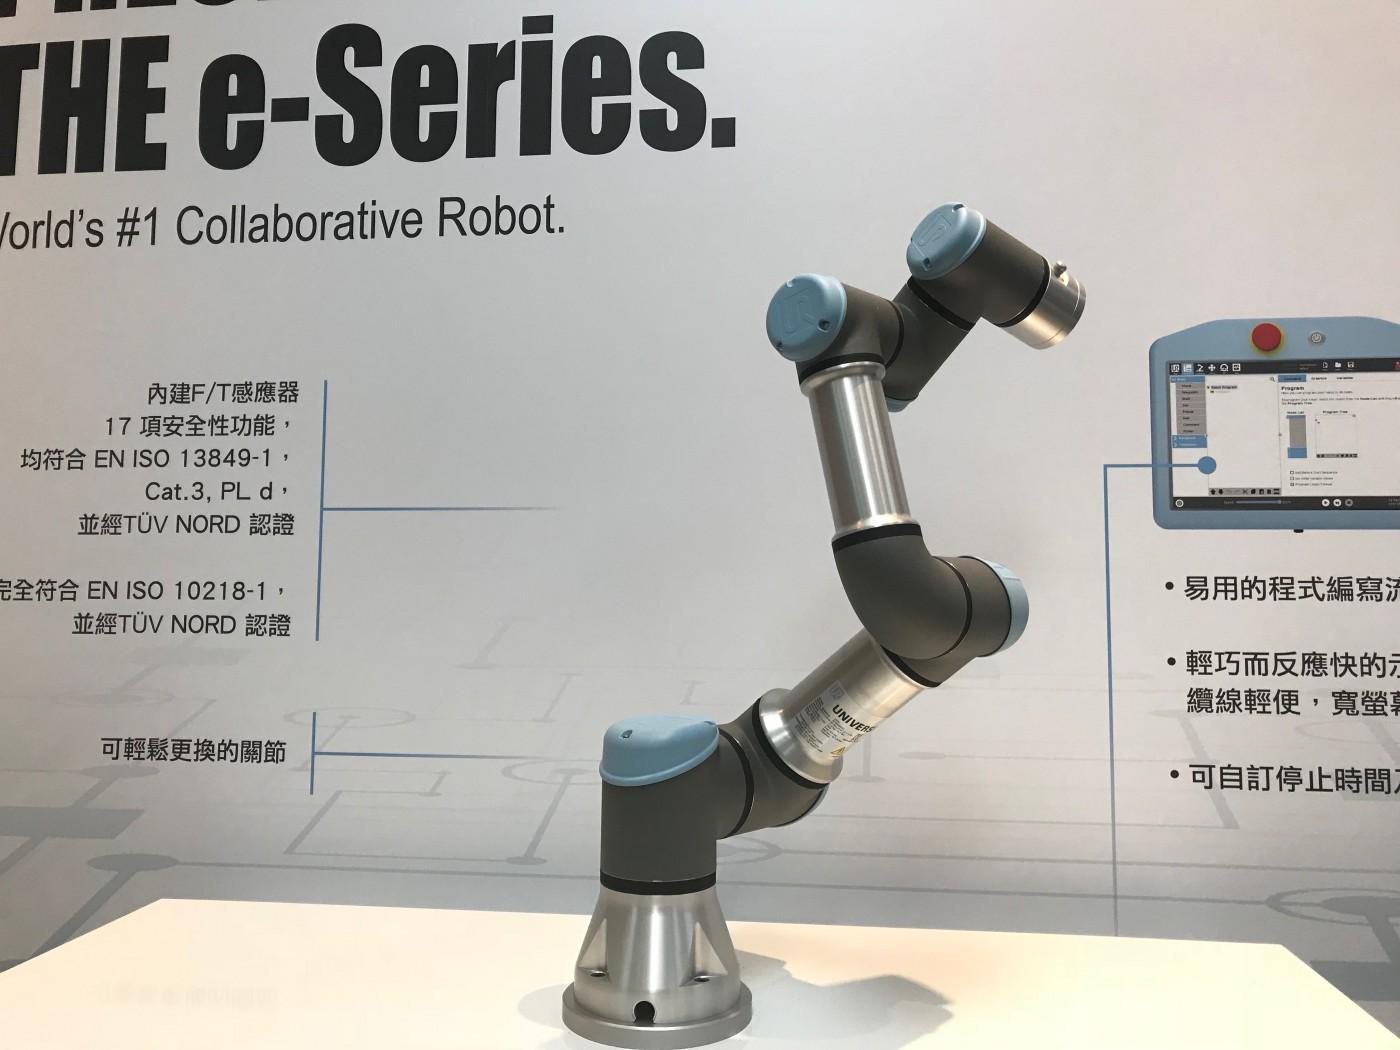 全球機器人密度台灣排名第8!每萬人只分配到197台